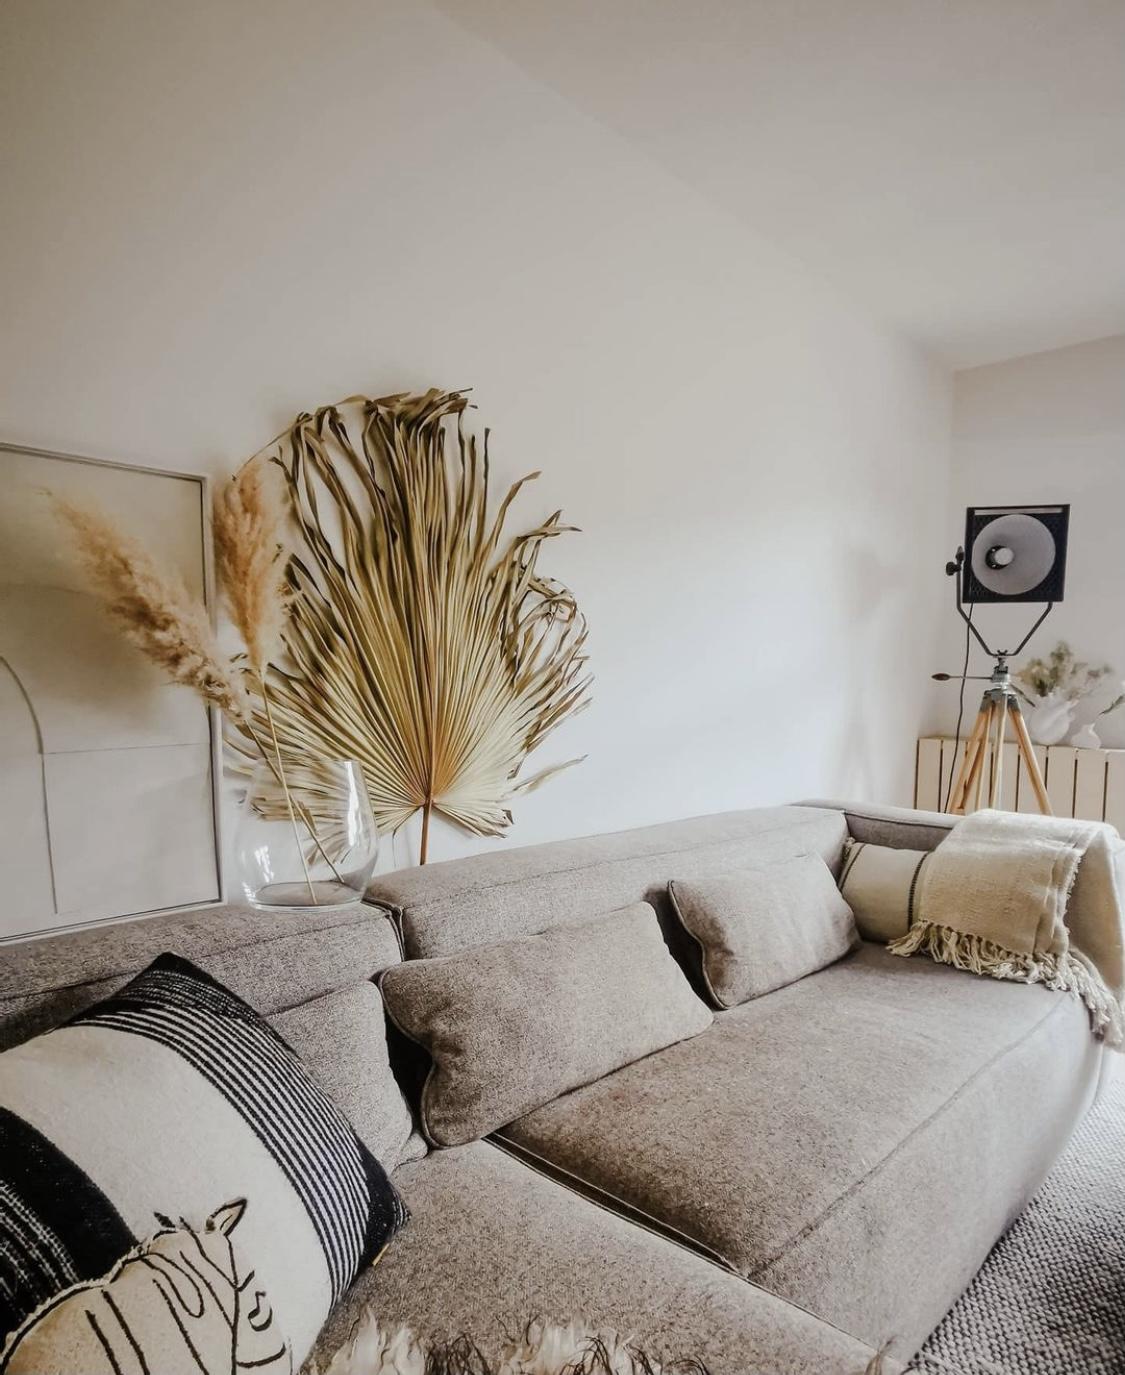 Wanddecoratie Palm waaier Madam Stoltz